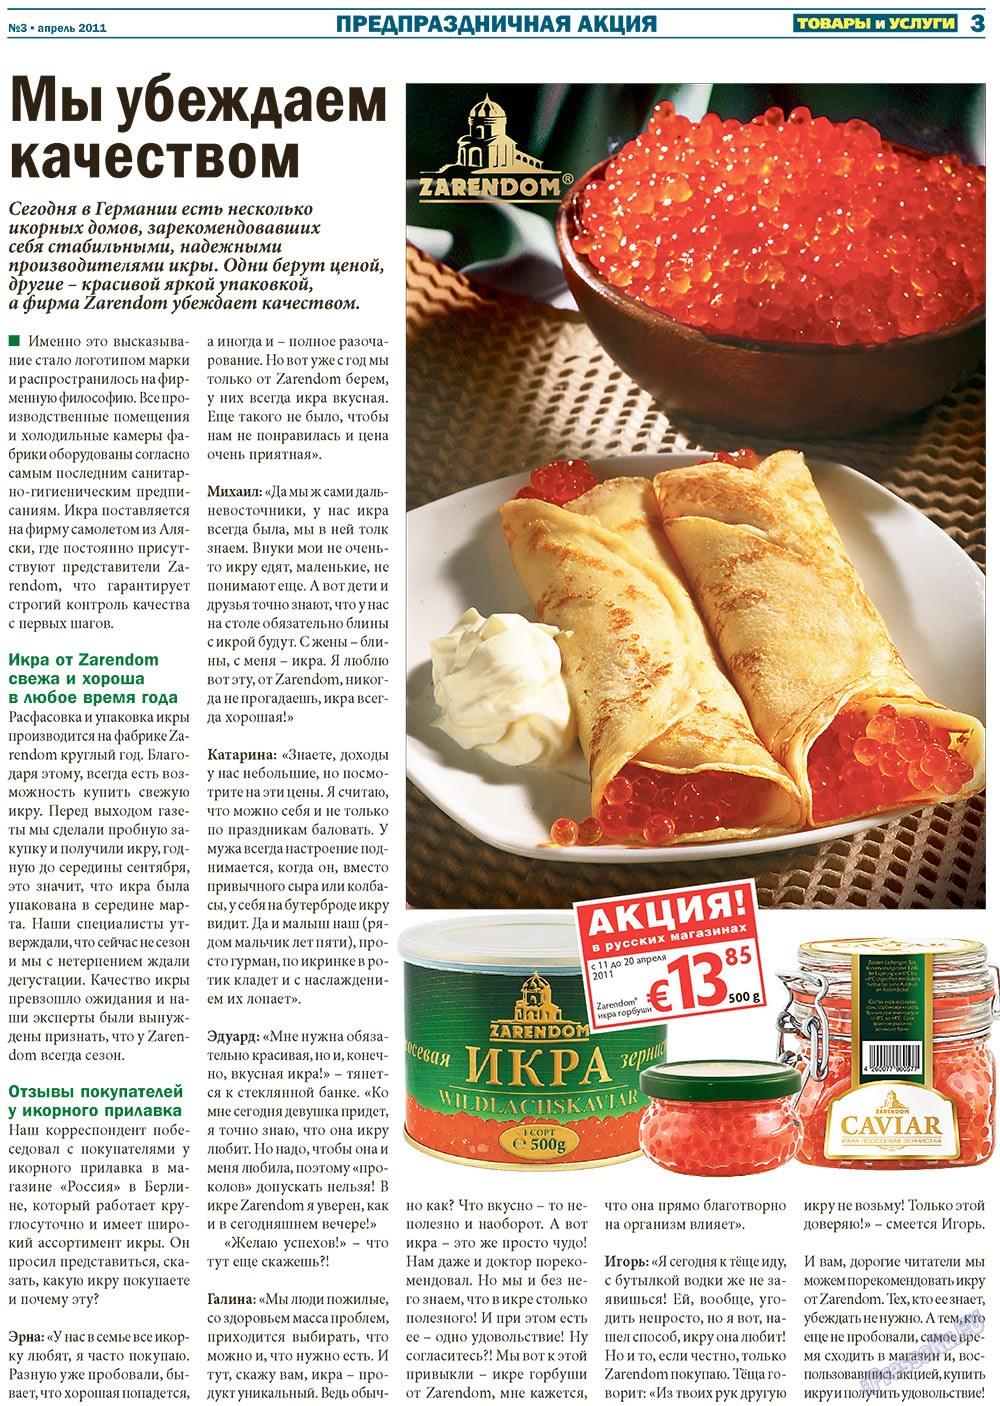 Товары и услуги (газета). 2011 год, номер 3, стр. 3